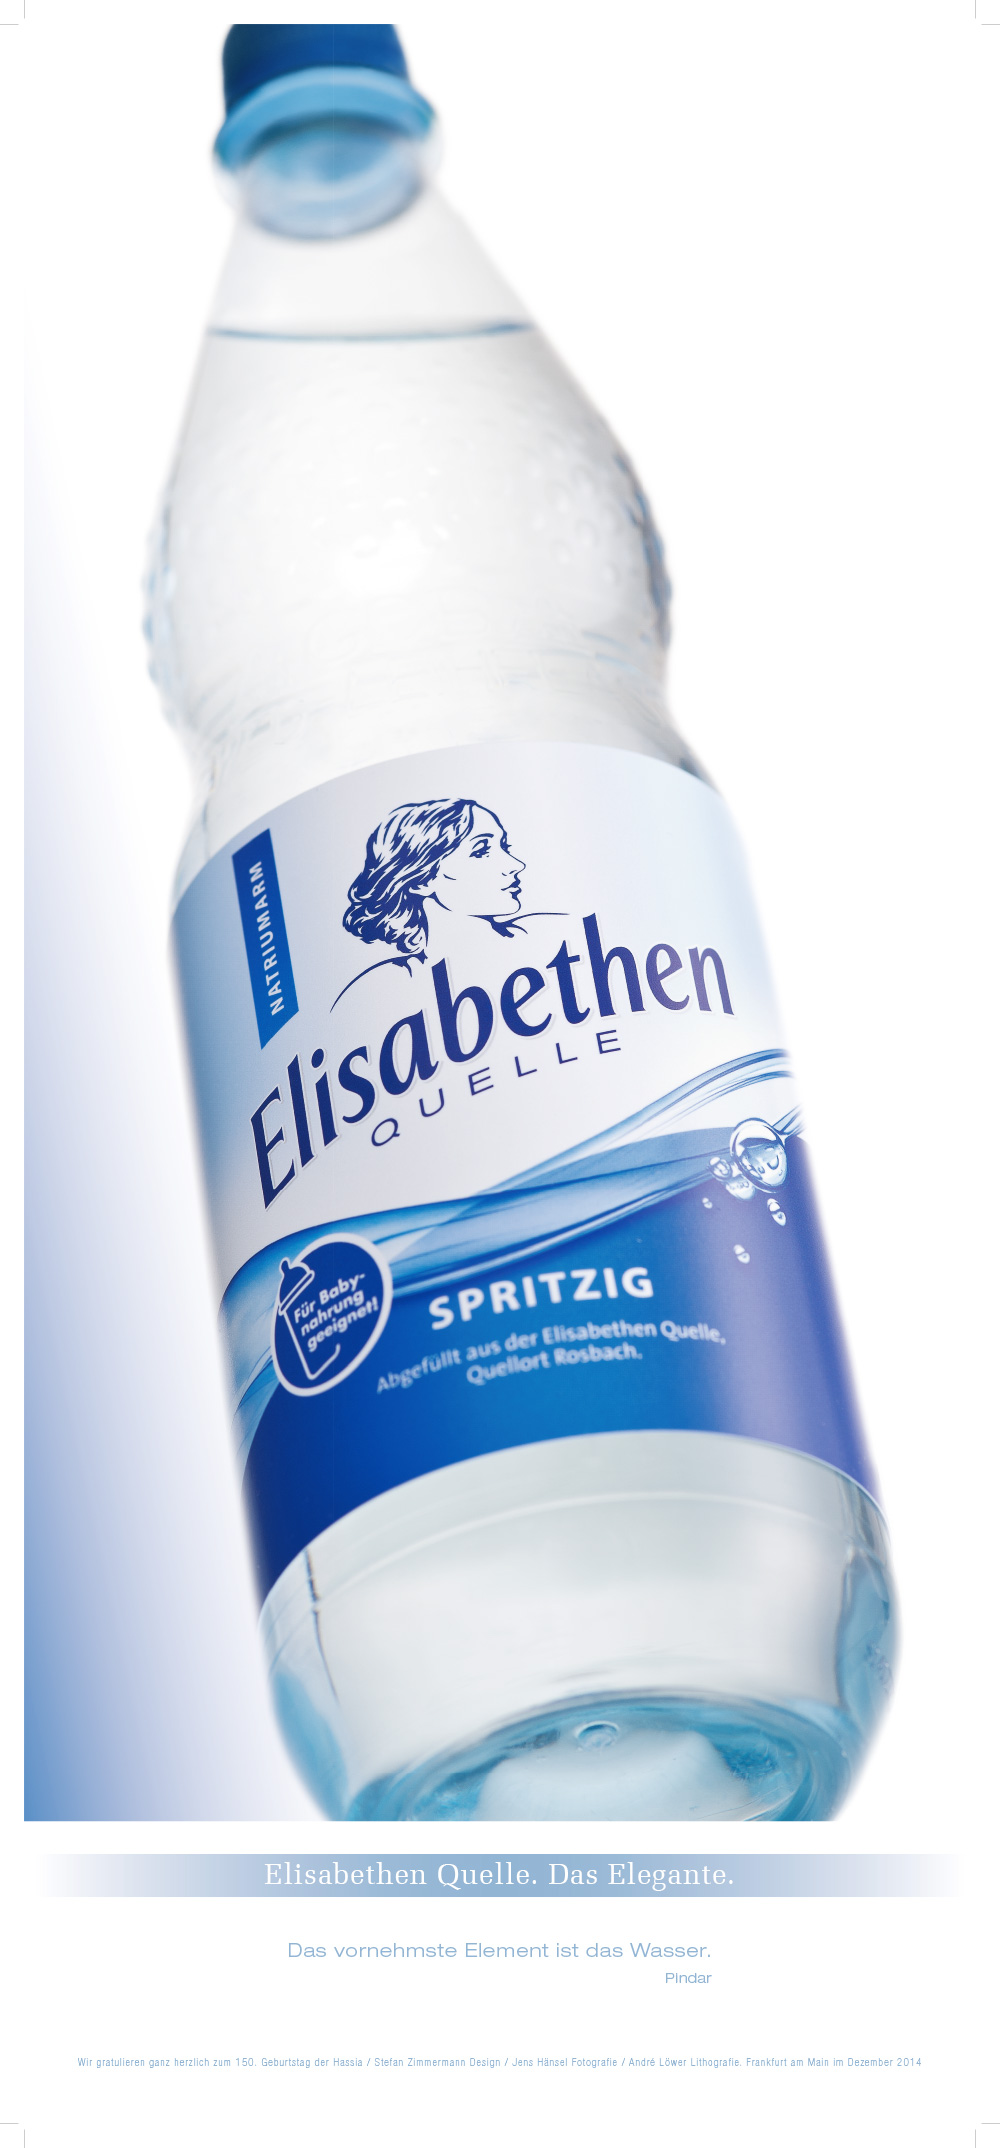 Elisabethen-Quelle